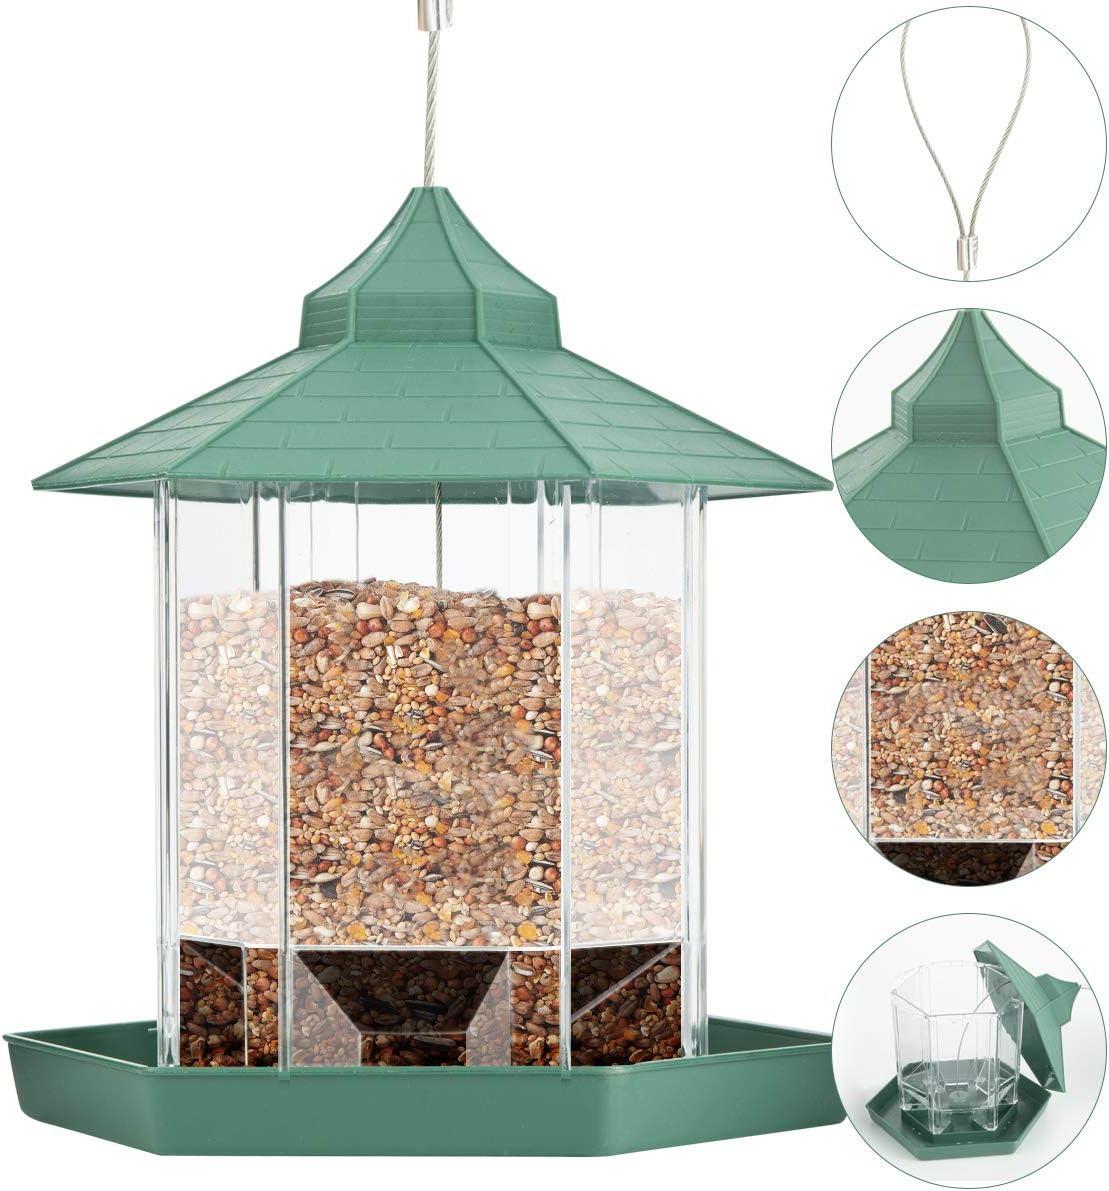 patio Comedero de p/ájaros Rehomy de pl/ástico colgante para p/ájaros con techo y bandeja para exteriores ardilla a prueba de ardillas jard/ín patio